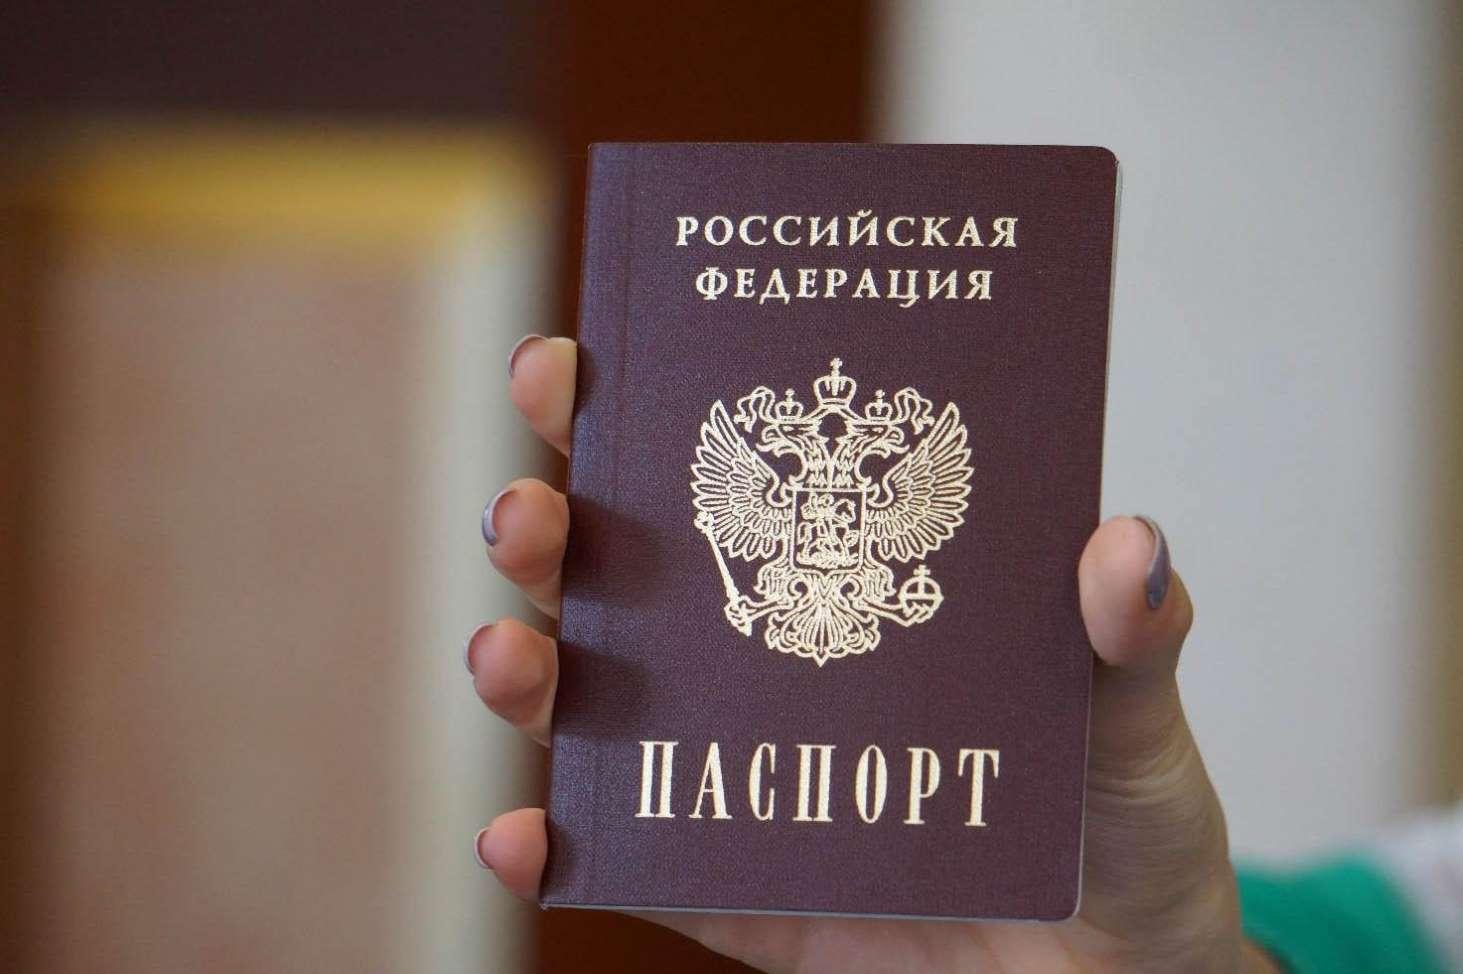 rossijskie-shkolniki-smogut-popast-v-kino-tolko-po-pasportu